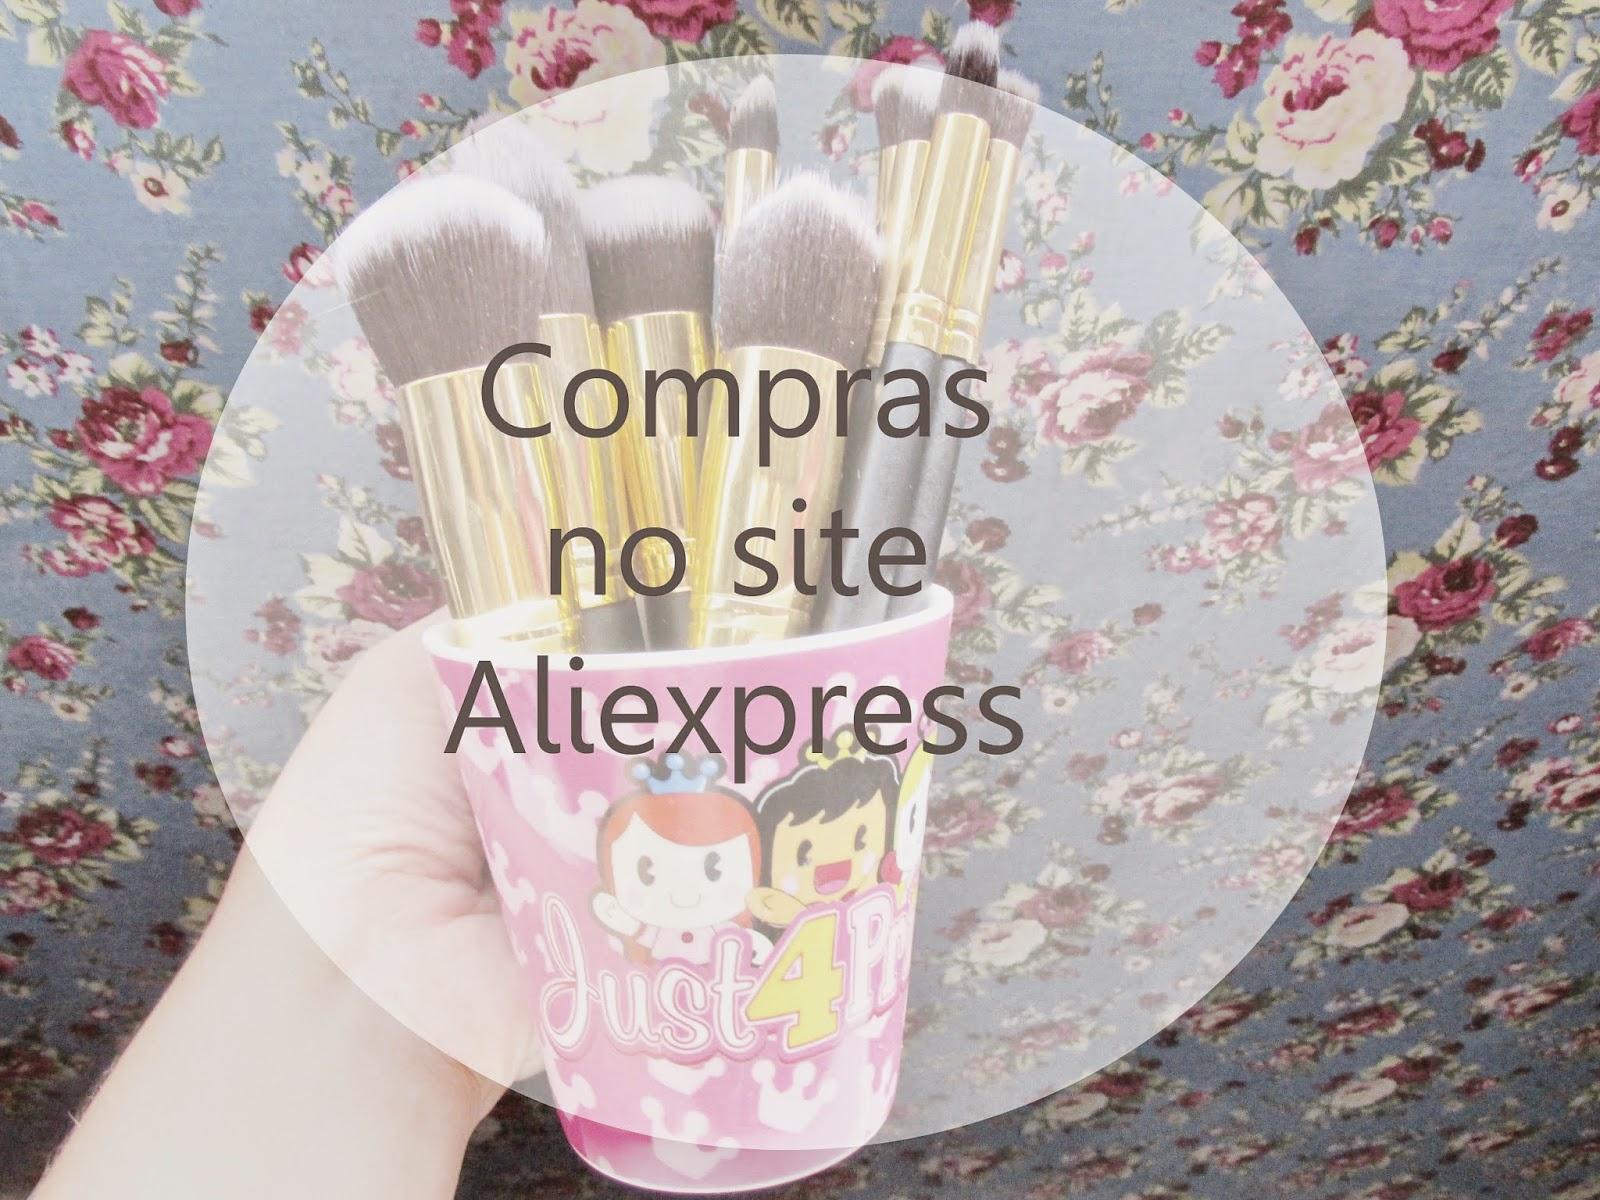 Oie meninas o post de hoje é para mostrar algumas comprinhas do site  Aliexpress que para quem não sabe é o maior site chines de compras e aqui  no blog tem ... 3244d0cf8b